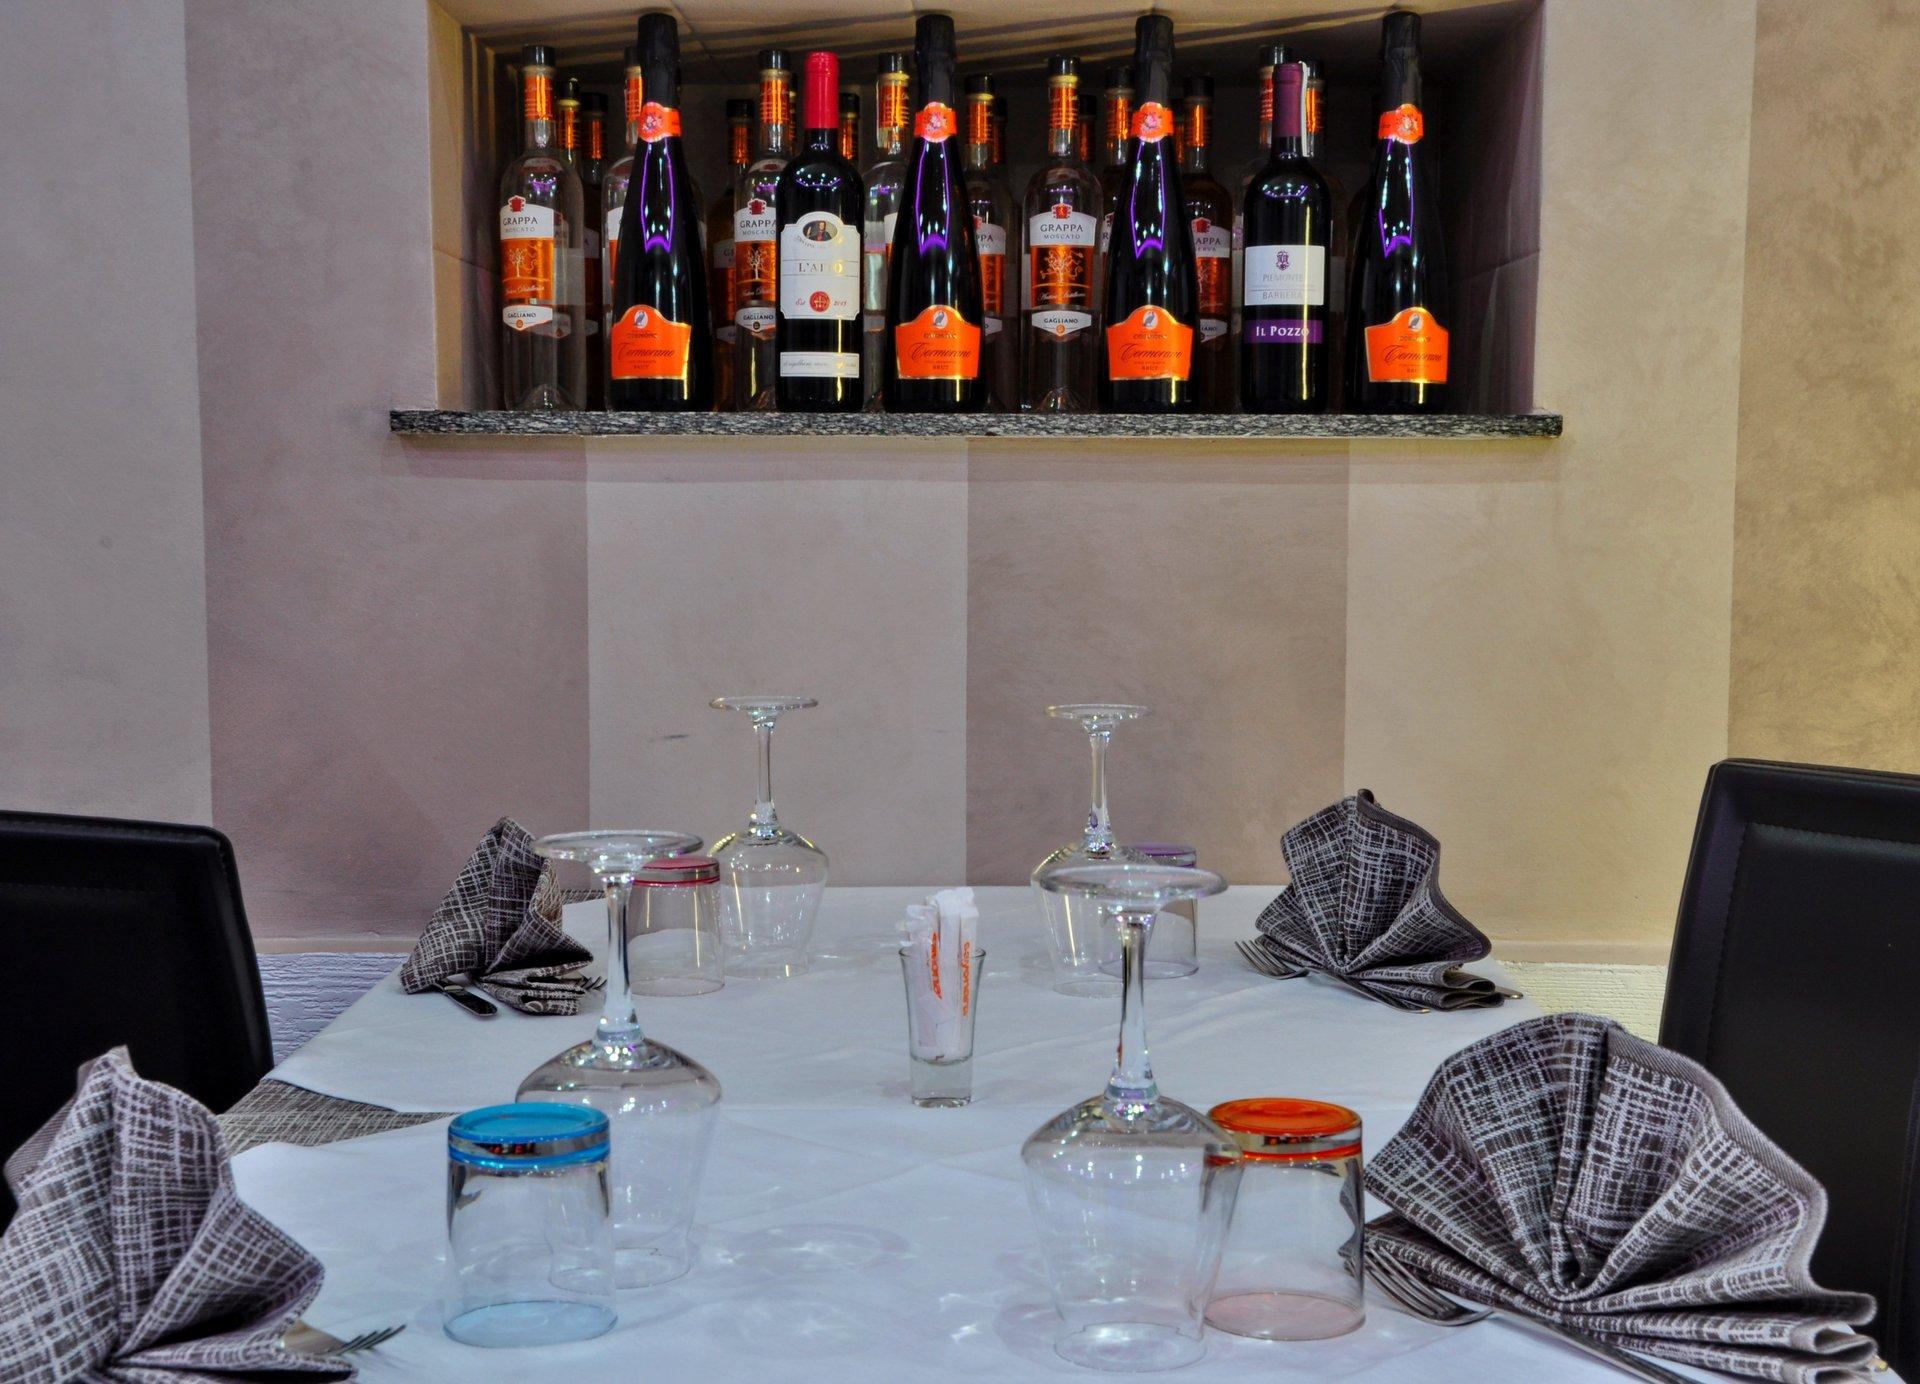 Locale con cucina piemontese e napoletana  Torino